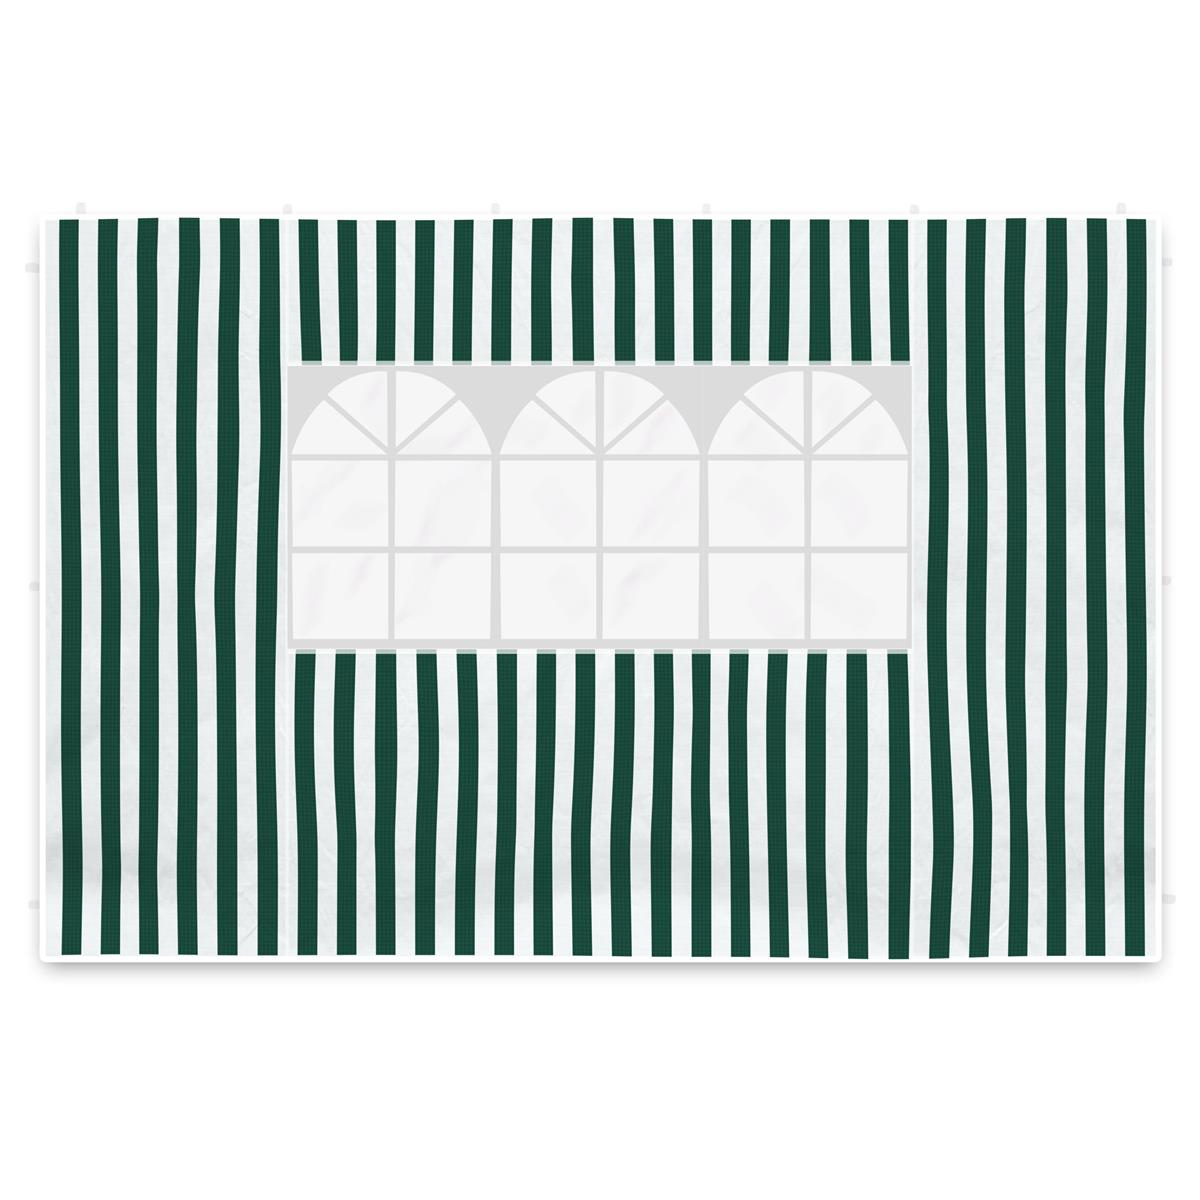 2 Seitenteile 3m für Pavillon Seitenwände grün weiß Fenster 100 g/m² wasserdicht